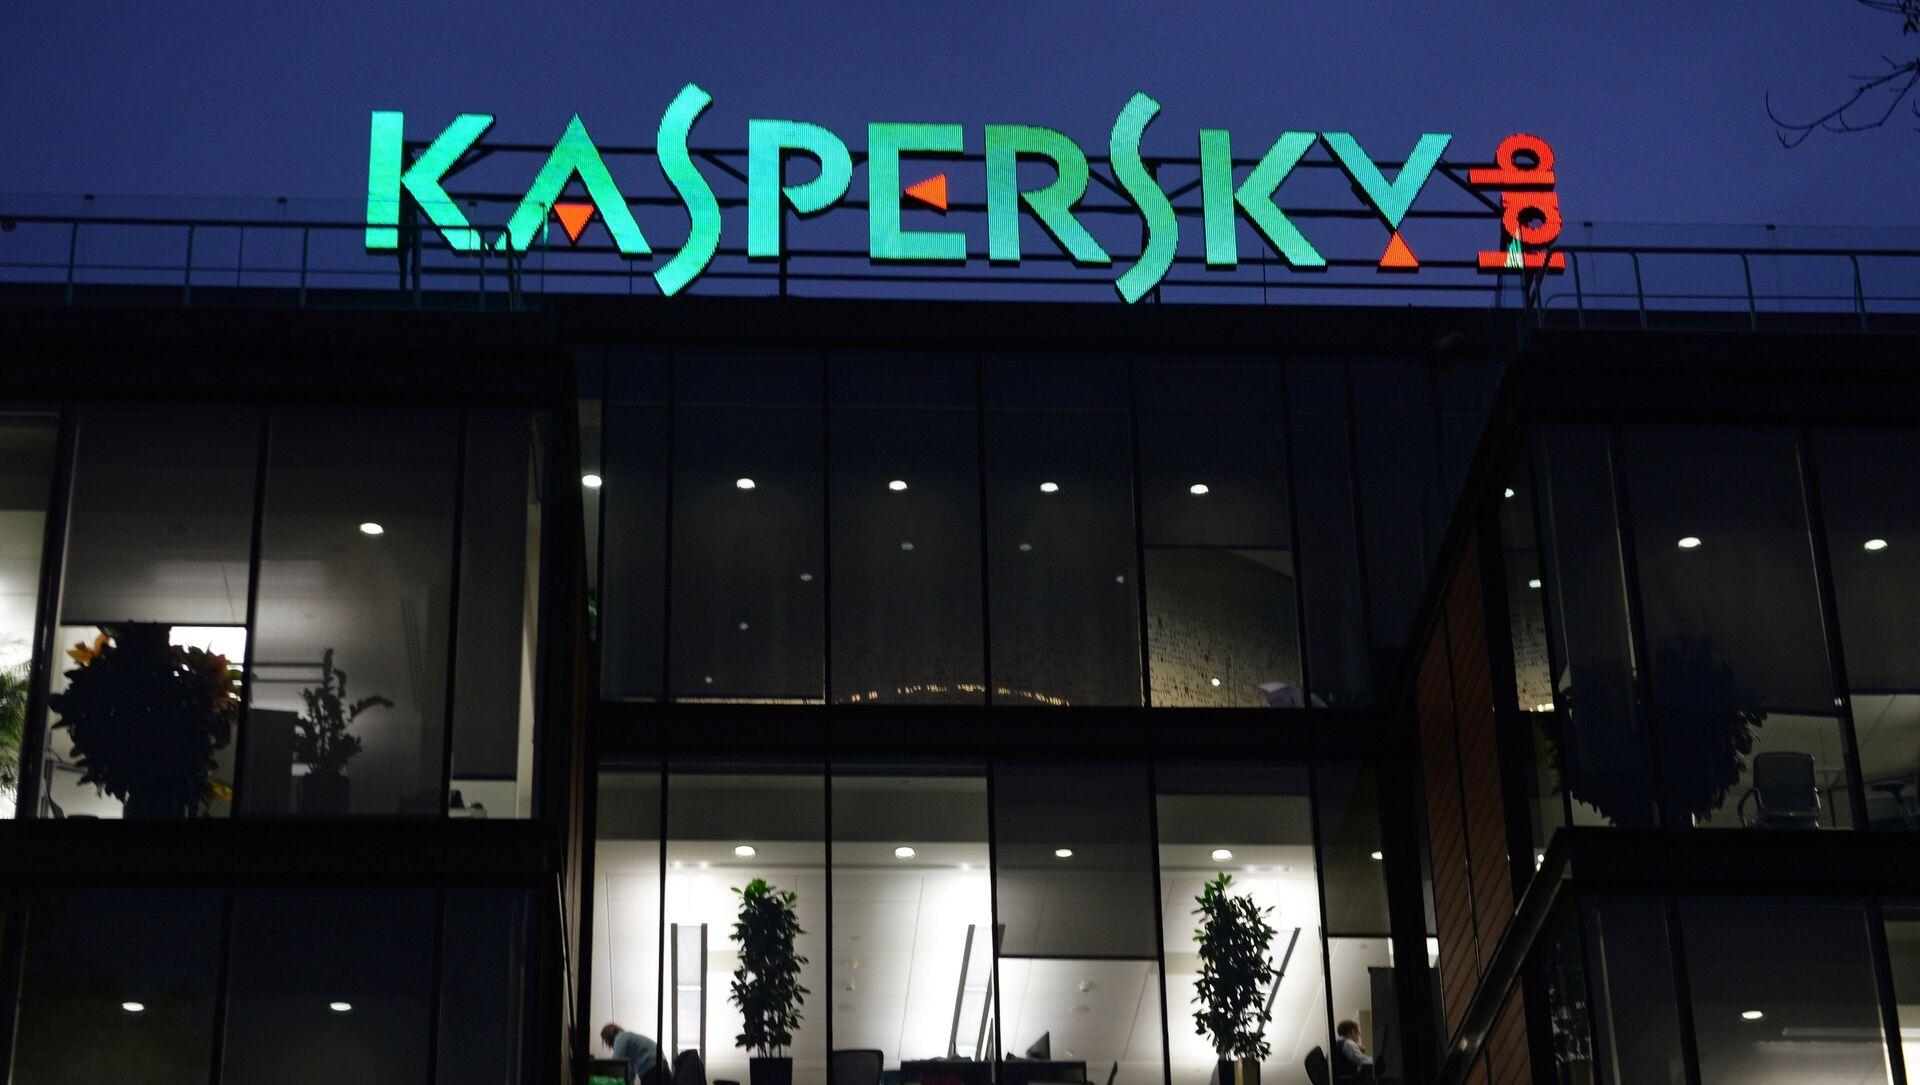 Kaspersky Lab office in Moscow - Sputnik International, 1920, 26.07.2021